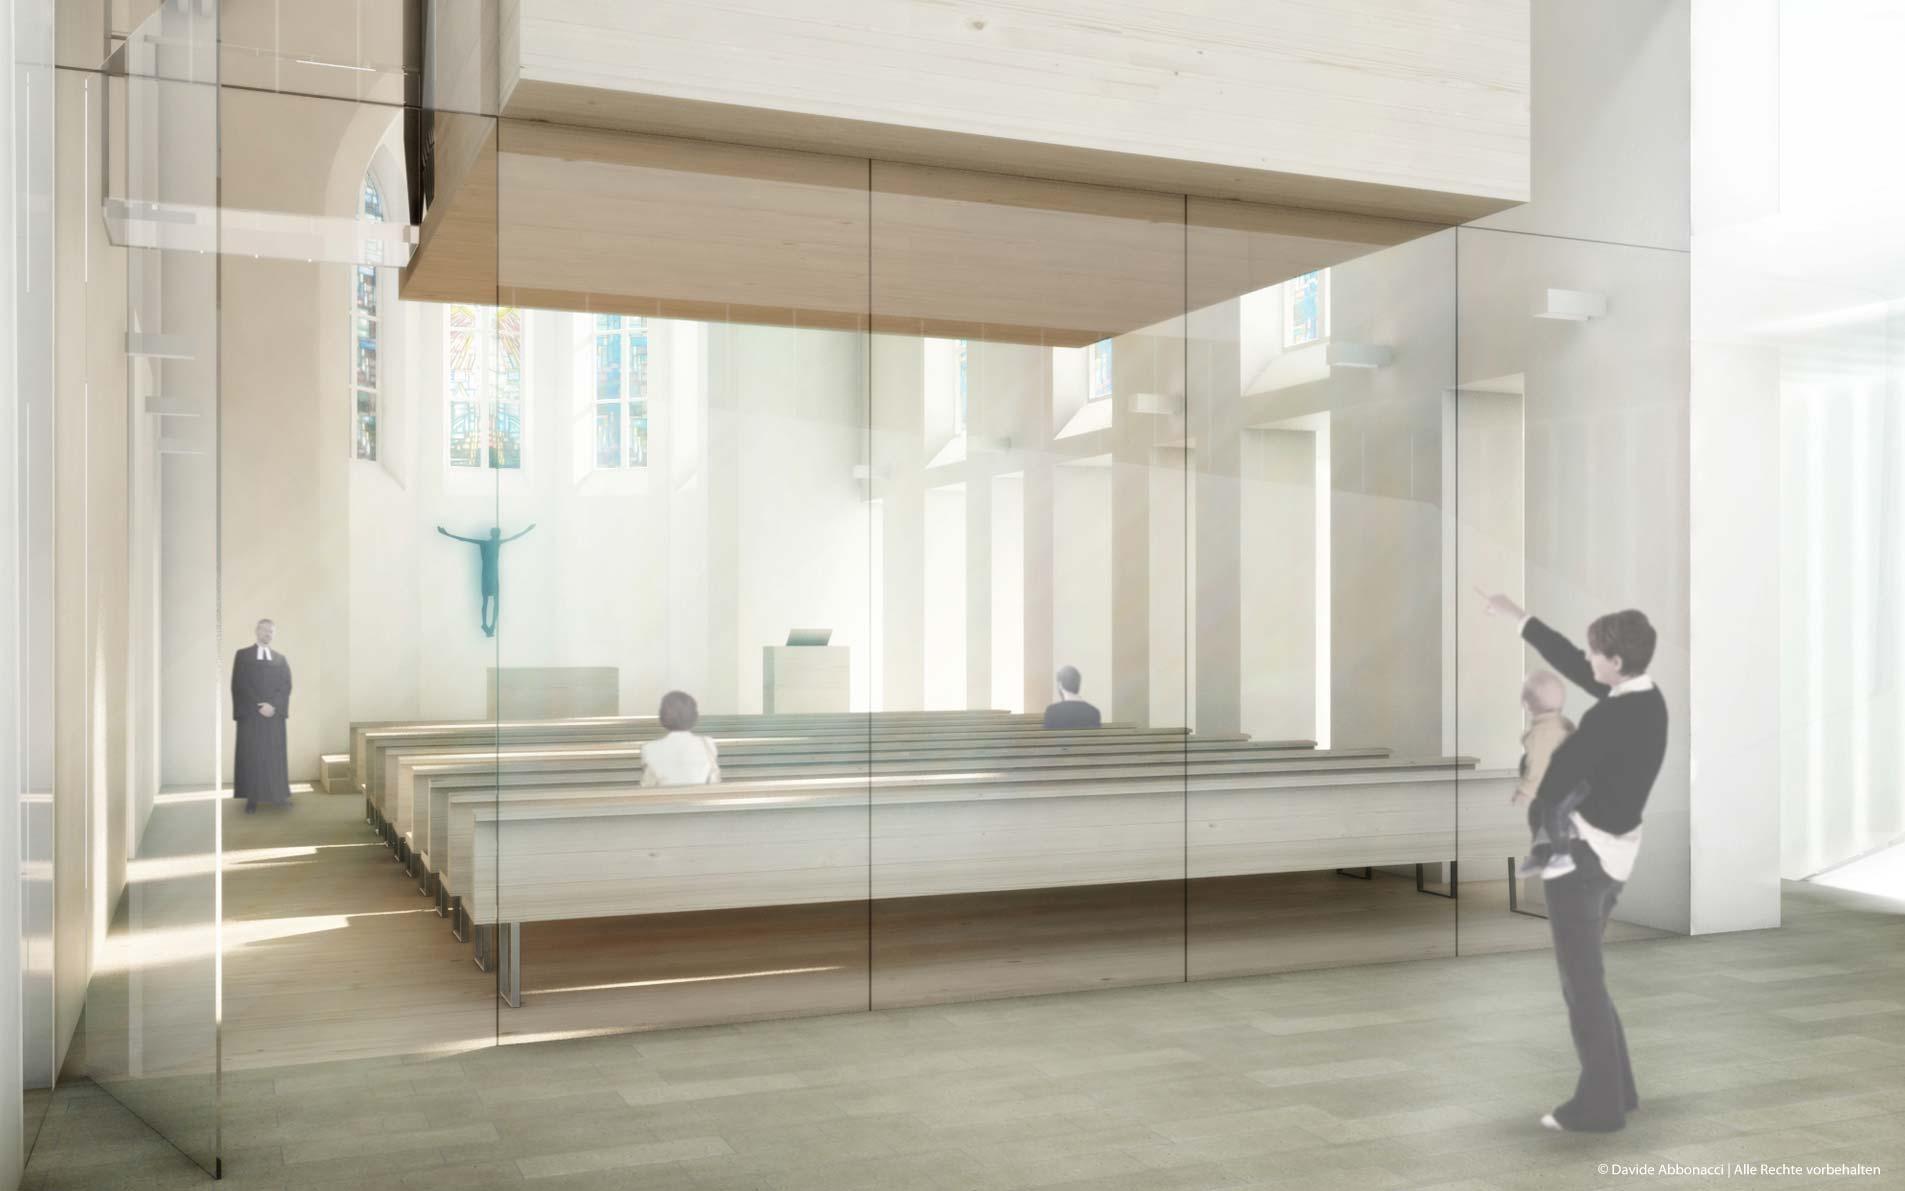 Umgestaltung der Auferstehungskirche, Überlingen | Hübner + Erhard und Partner Architekten | 2012 Wettbewerbsvisualisierung